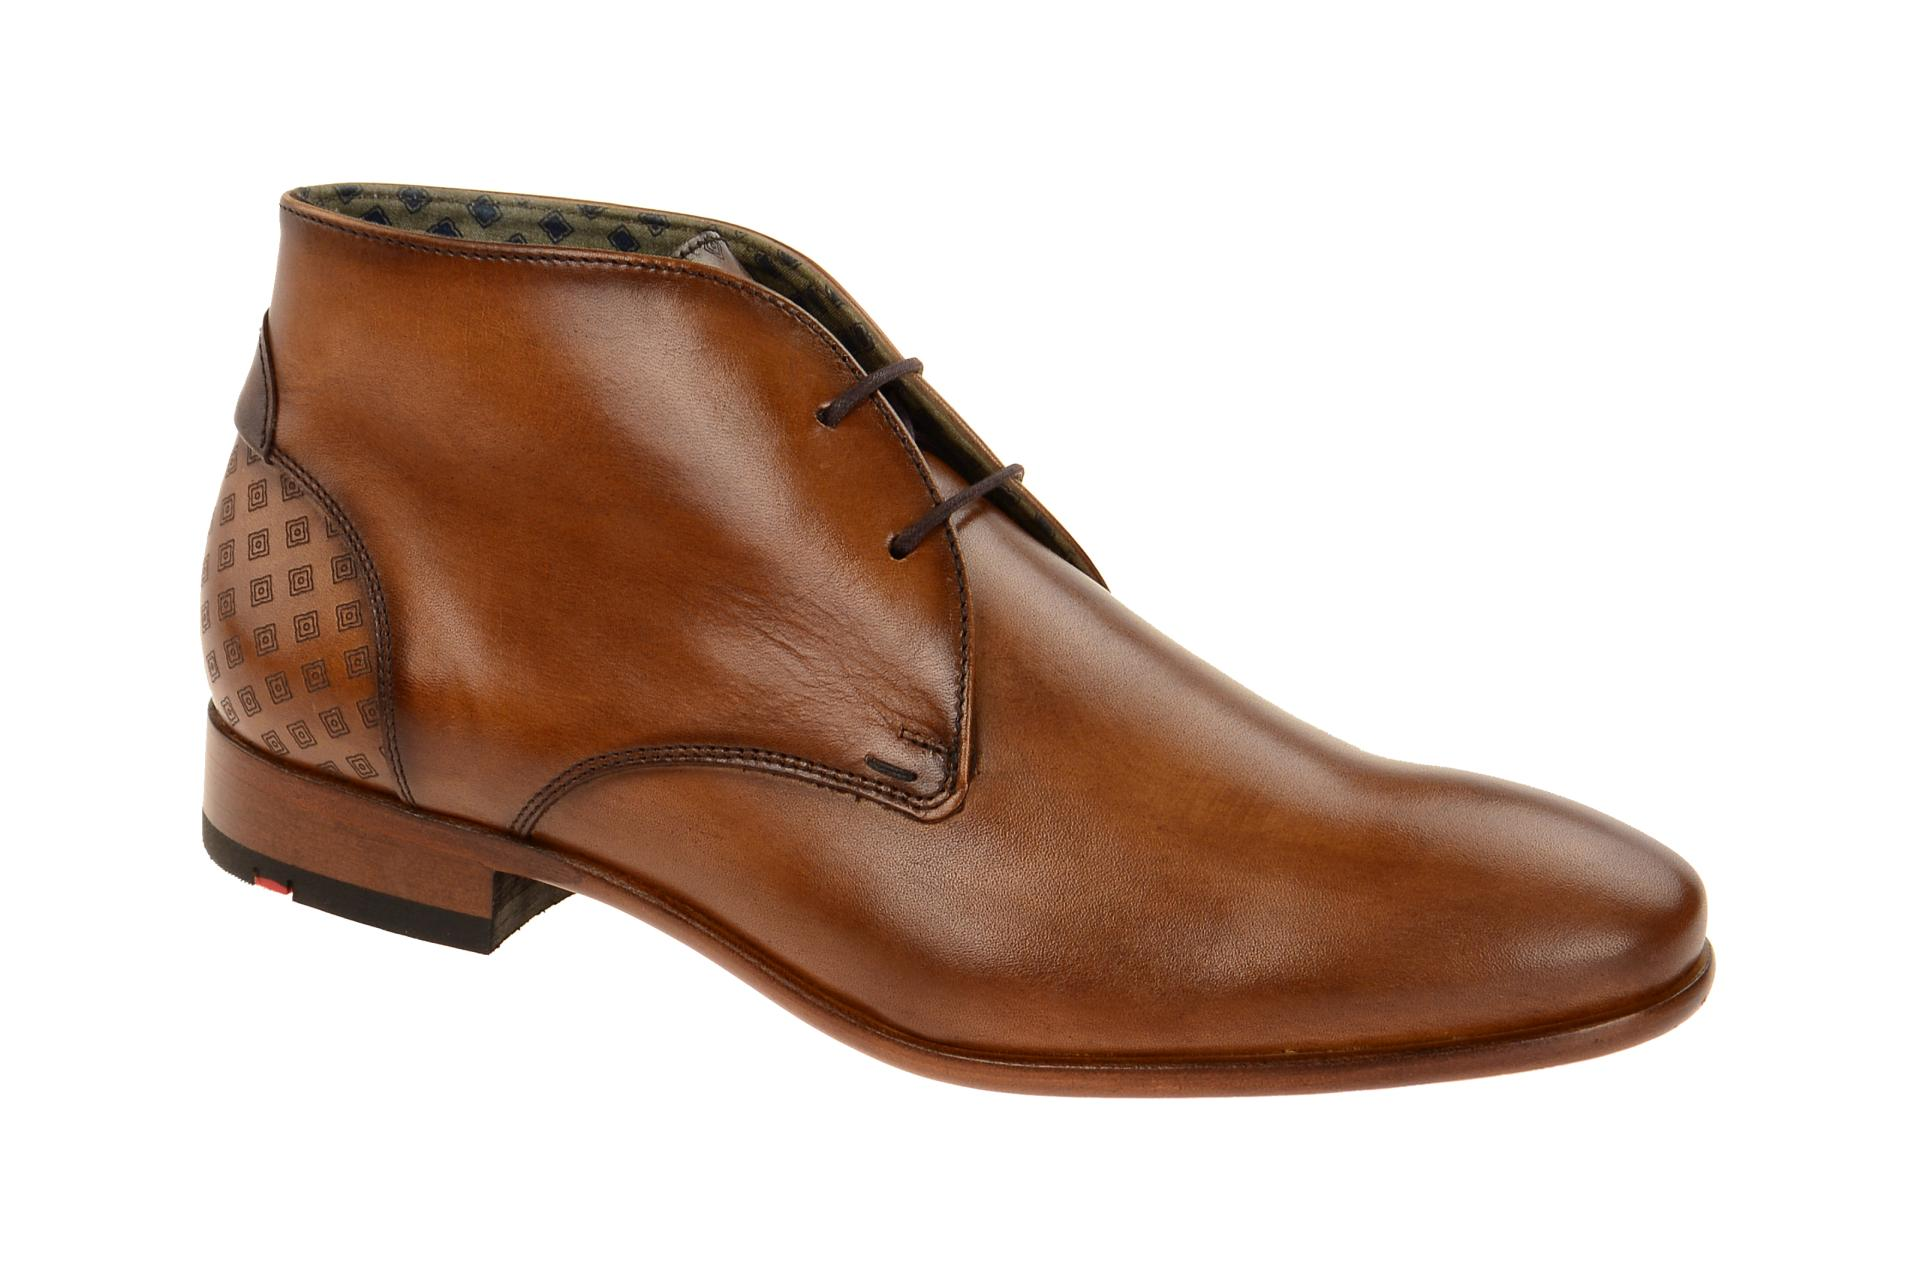 homme lacets Mephisto Shop d exception chaussures modèle znq8qOBI e6557283b647